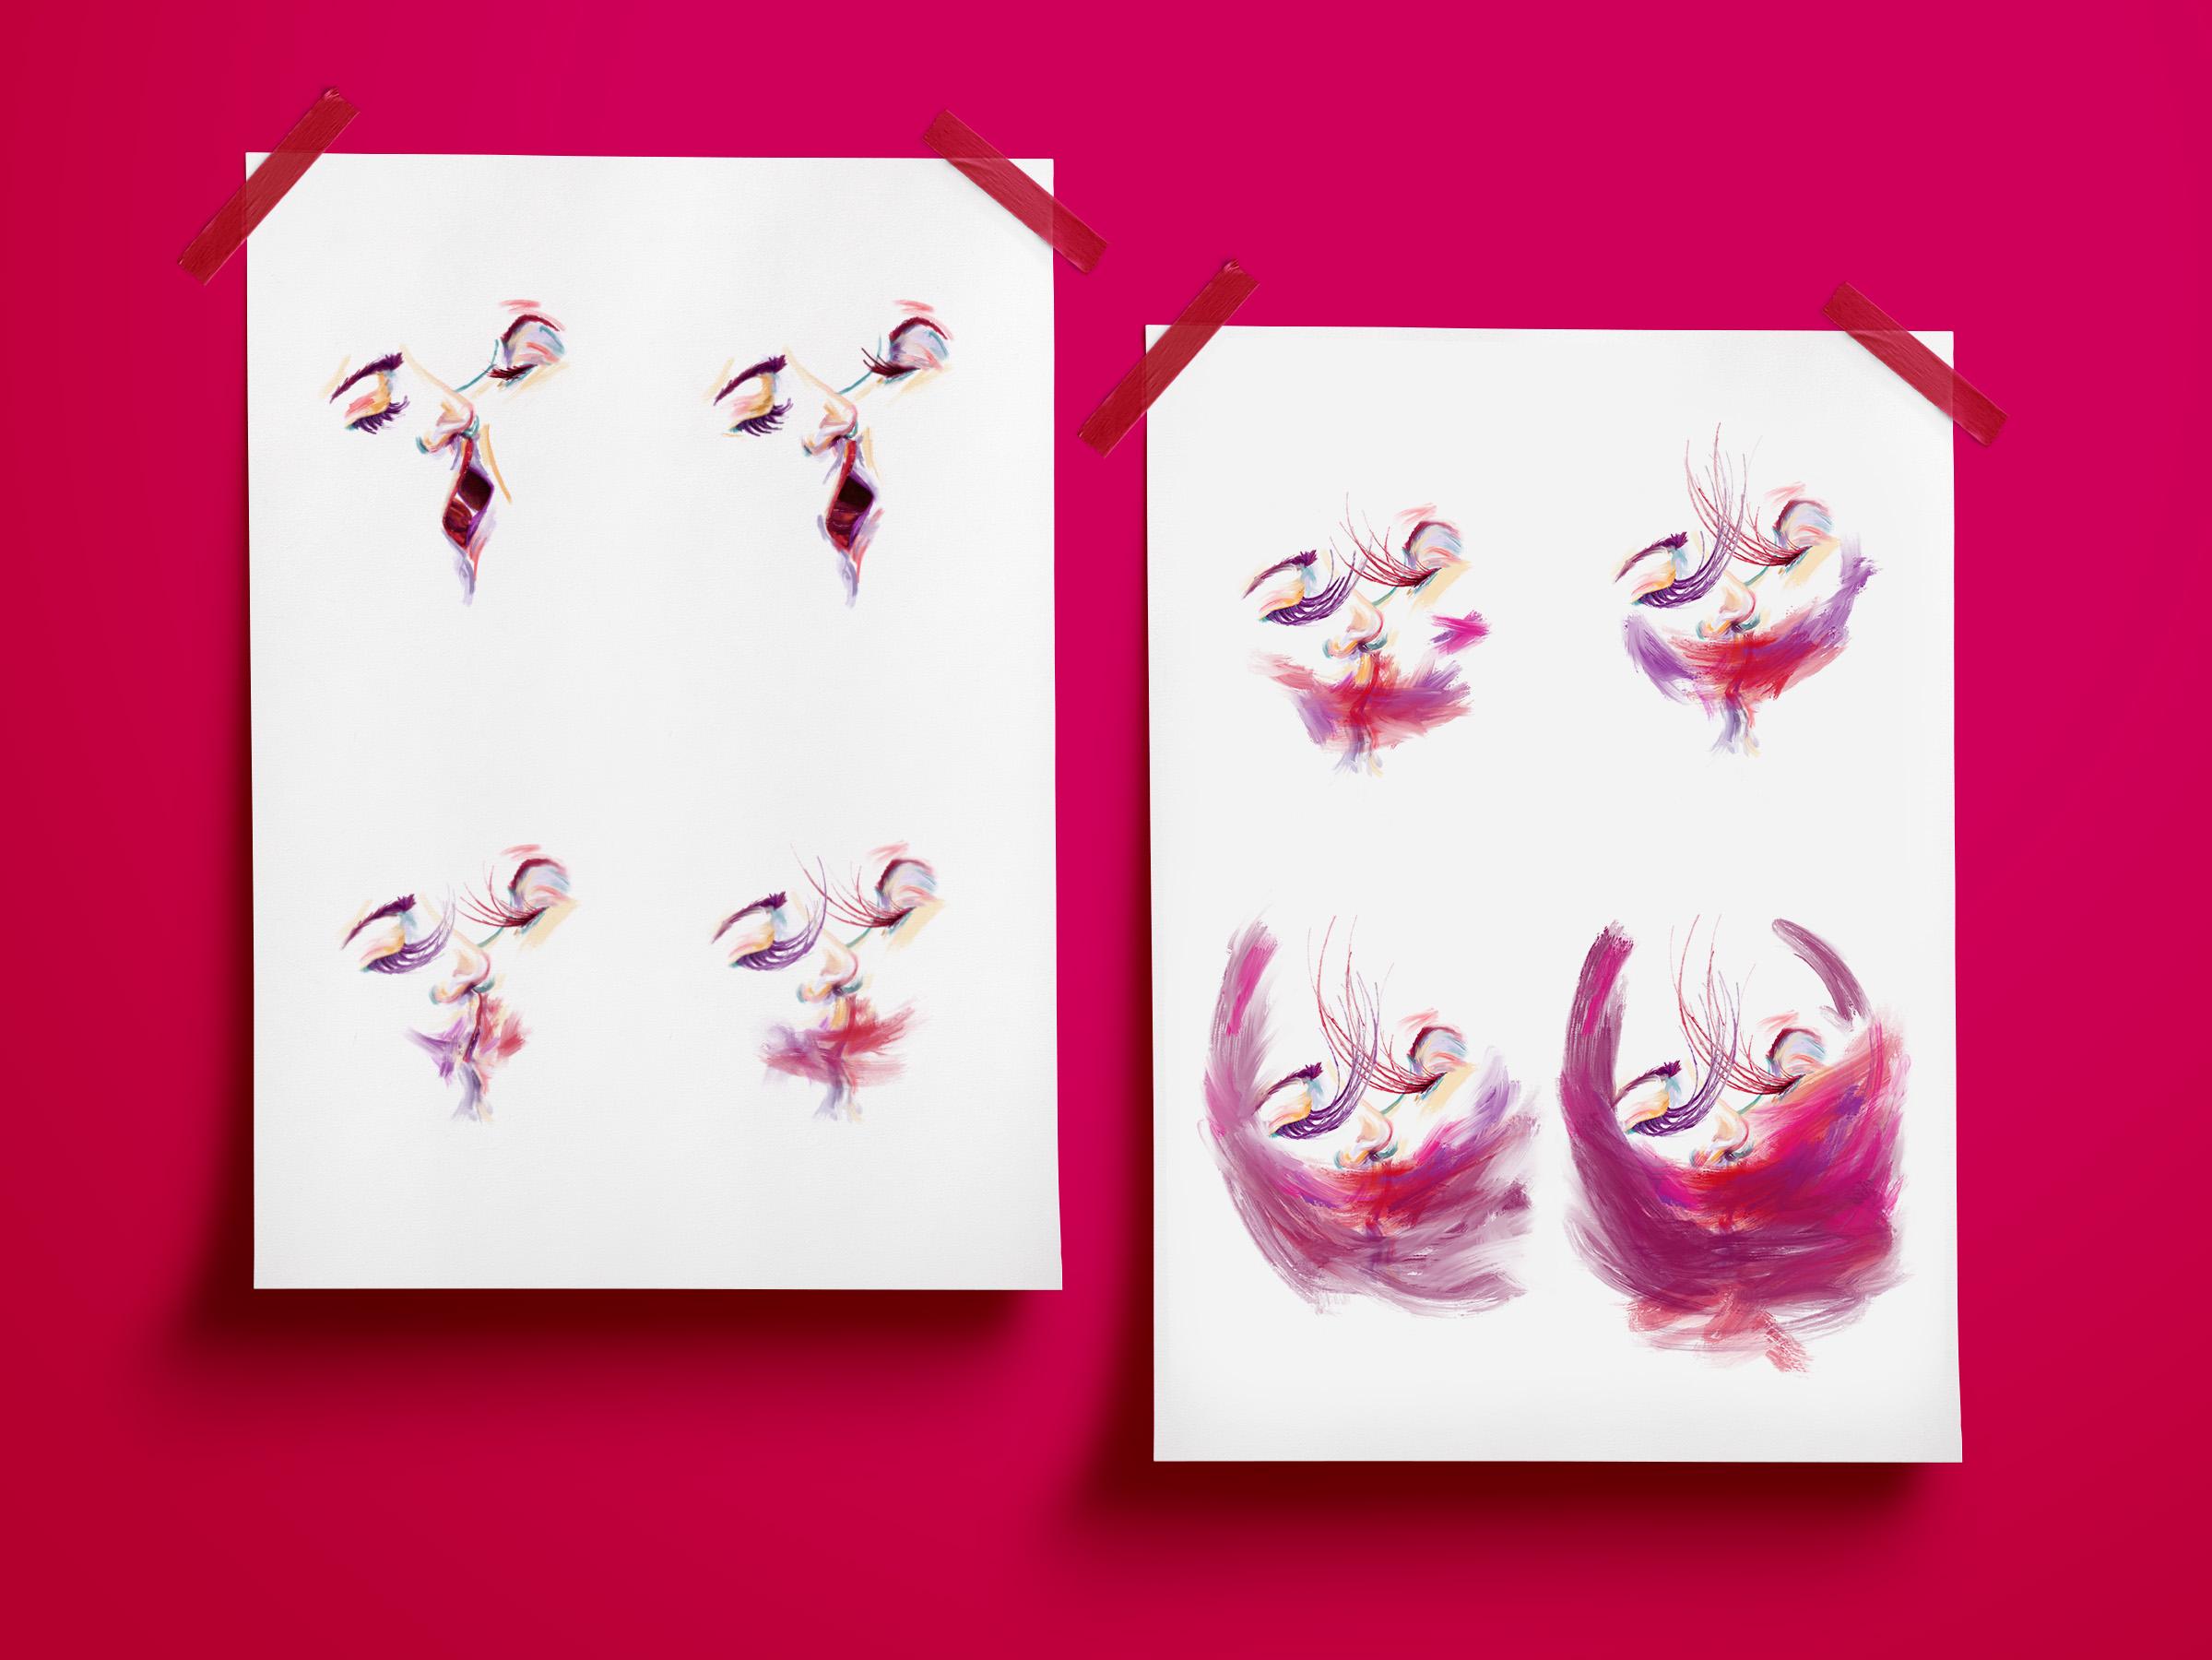 serie de feminismo ilustrado para reinvidicar sentimientos de la mujer a traves de la ilustracion